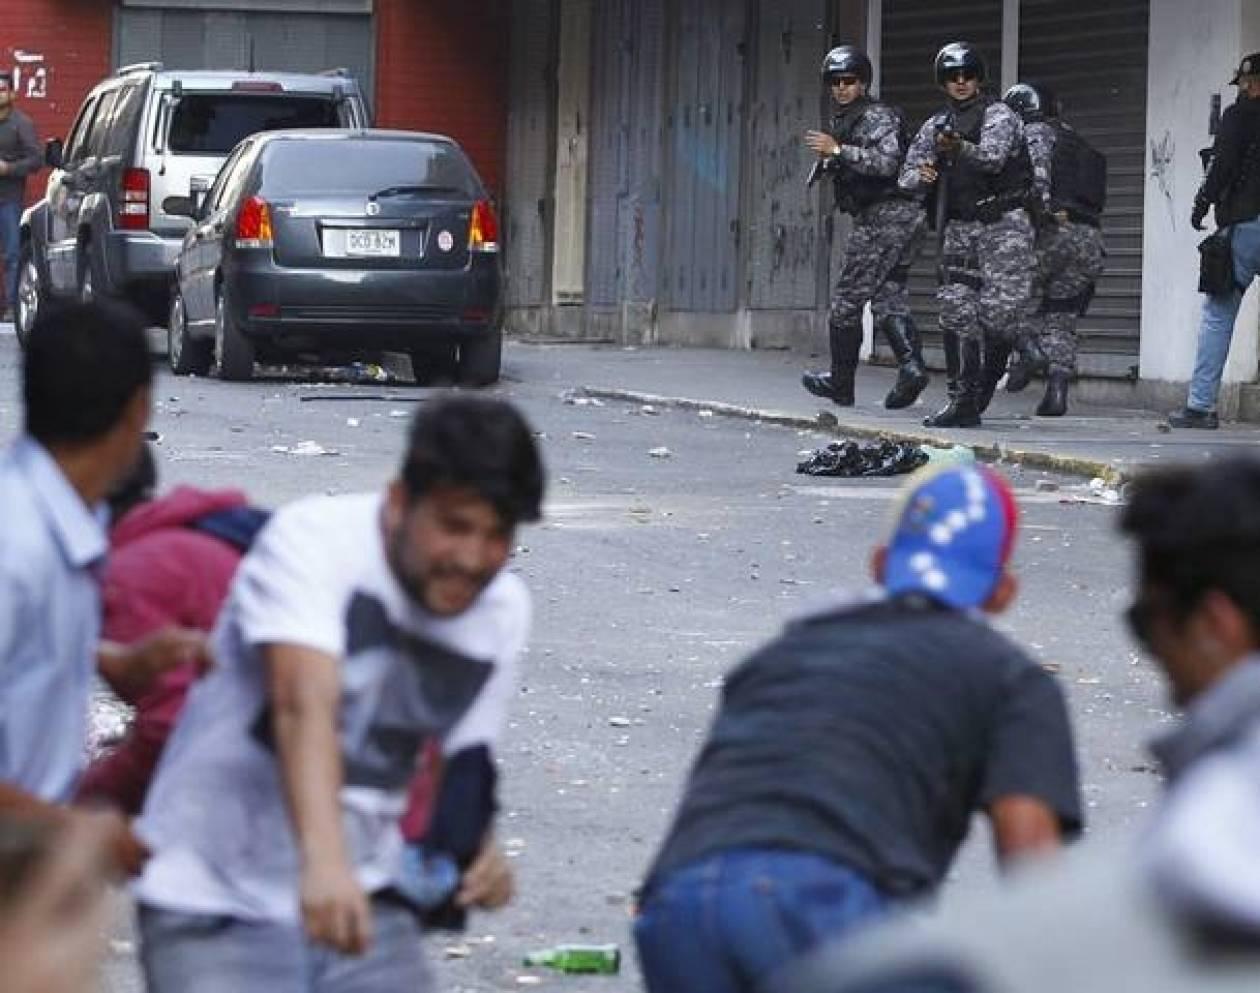 Βενεζουέλα: Νεκρή μία φοιτήτρια σε διαδήλωση